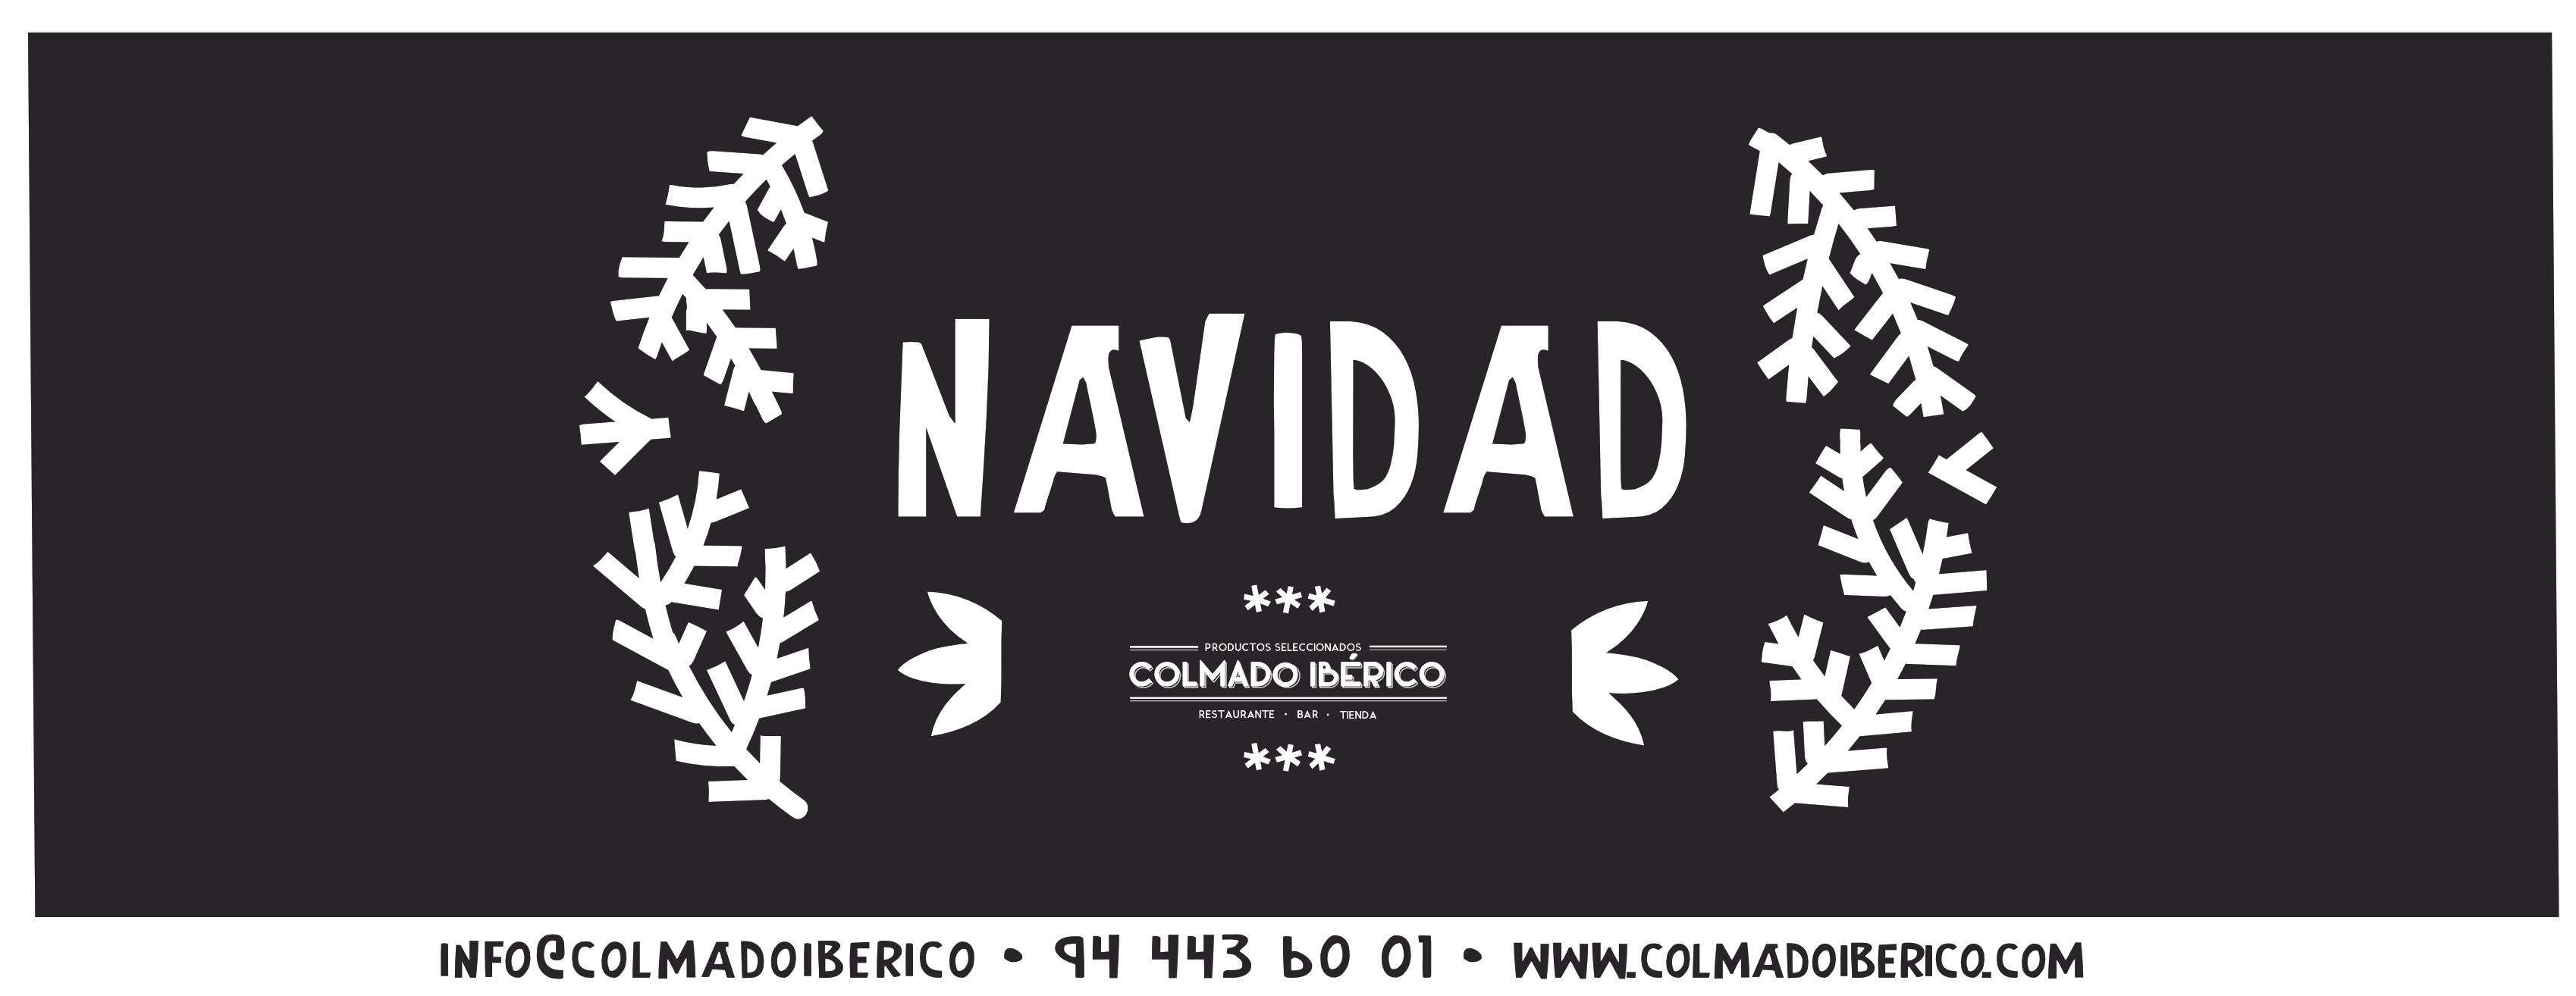 Colmado_Navidad_facebook_background_3_navidad